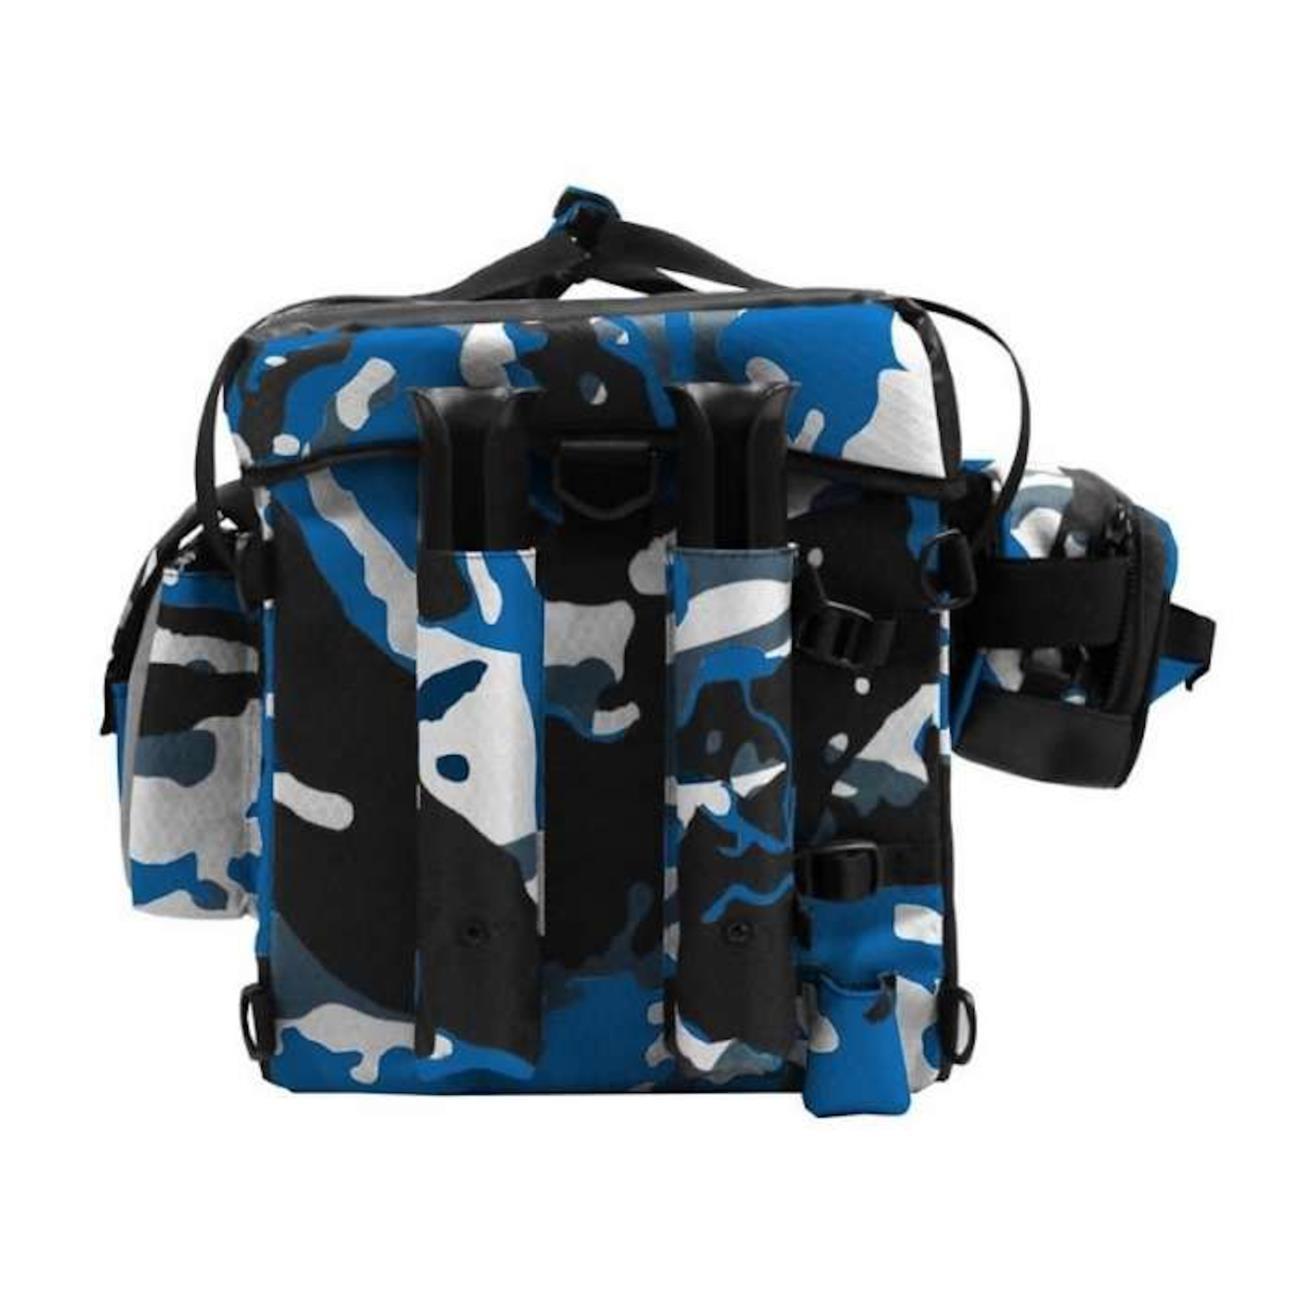 https://feelfreekayak.eu/930-small_default/crate-bag-blue-camo.jpg